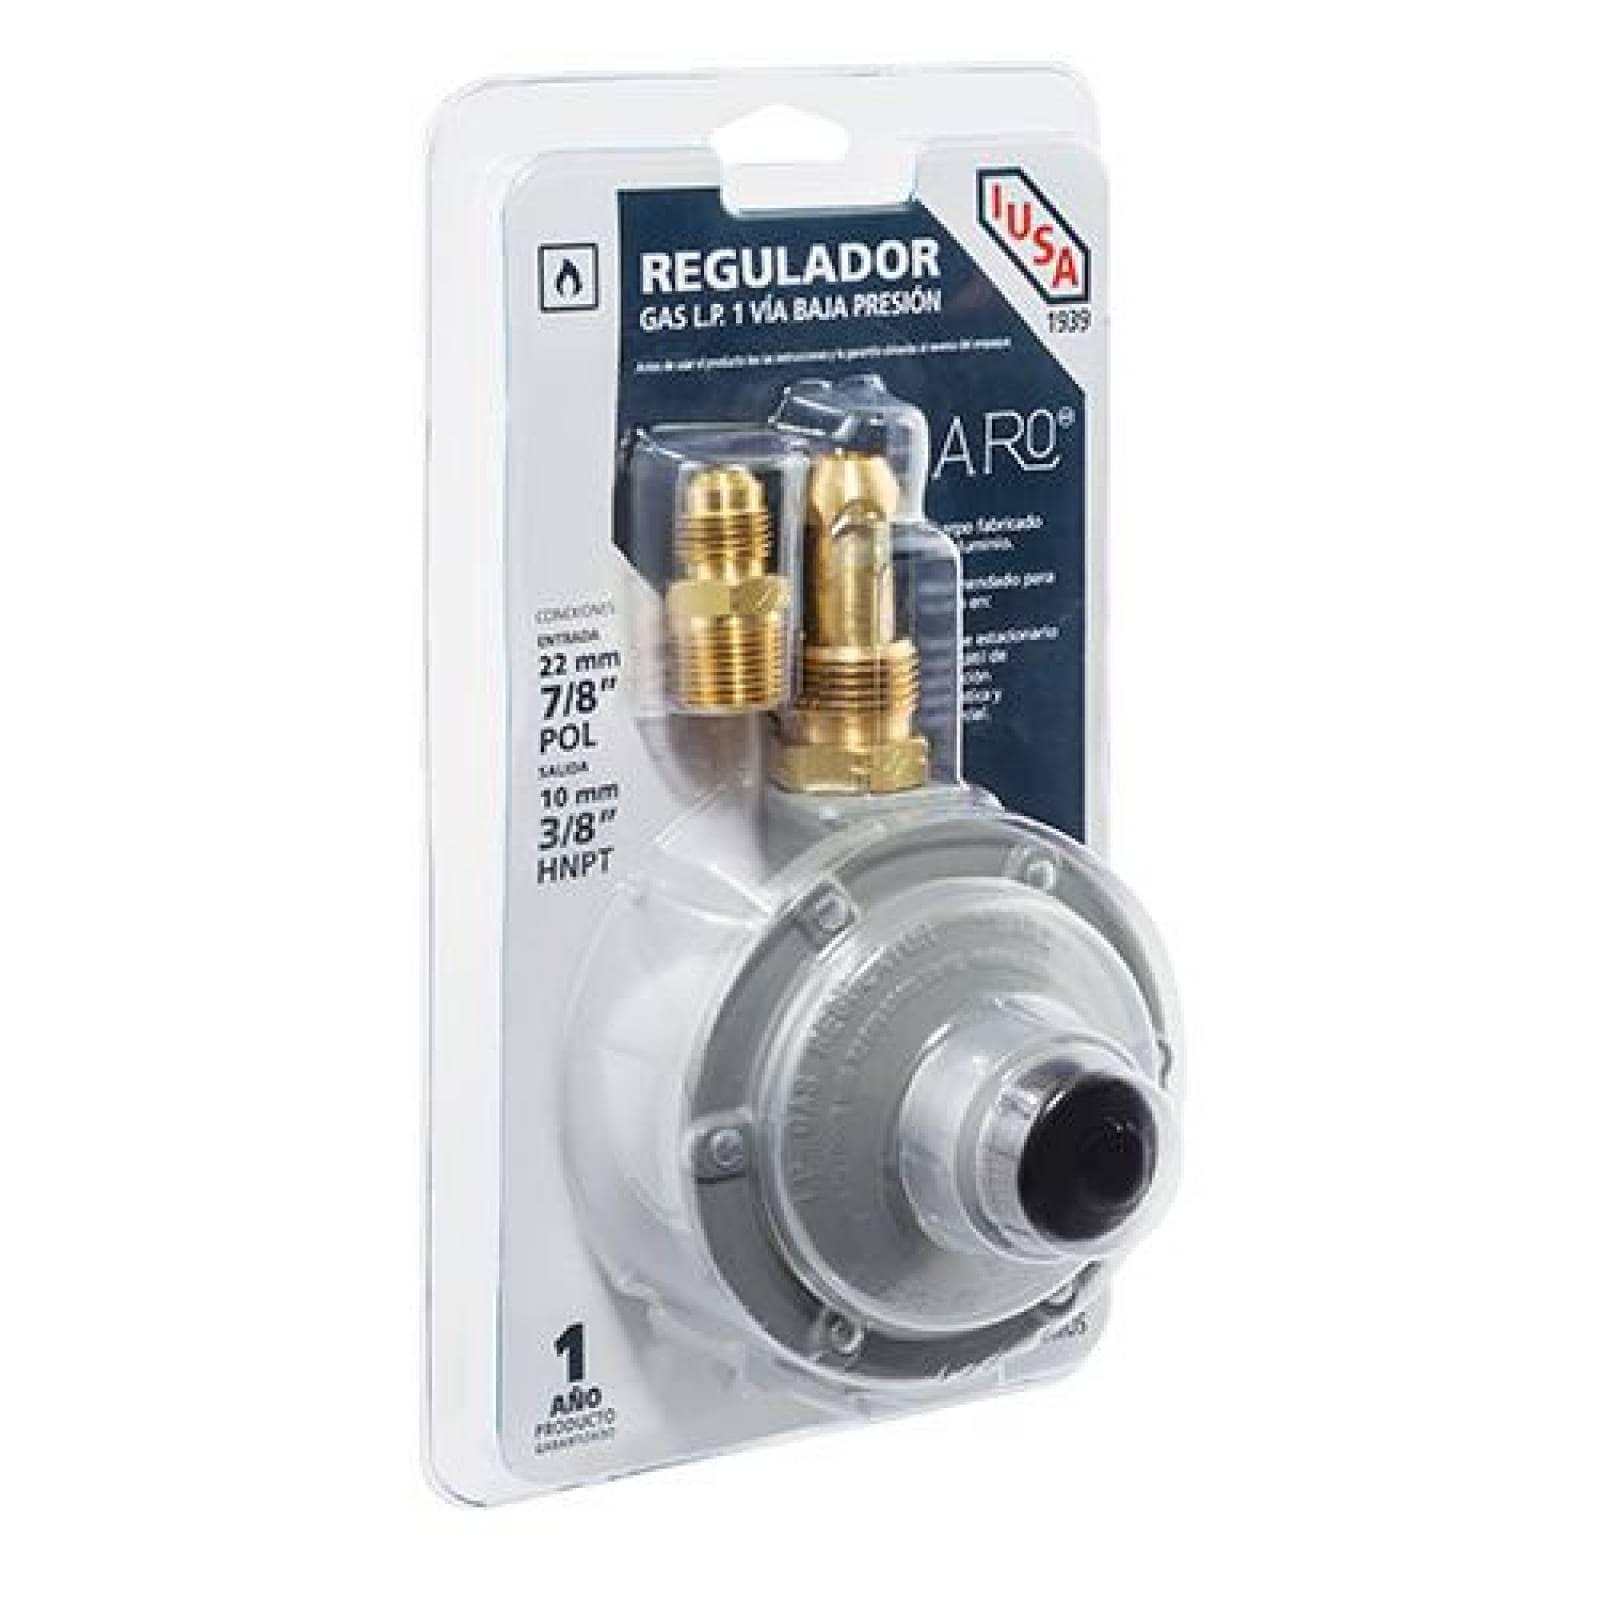 Regulador Para Gas L.P. Baja Presión 1 vía 102 Blister